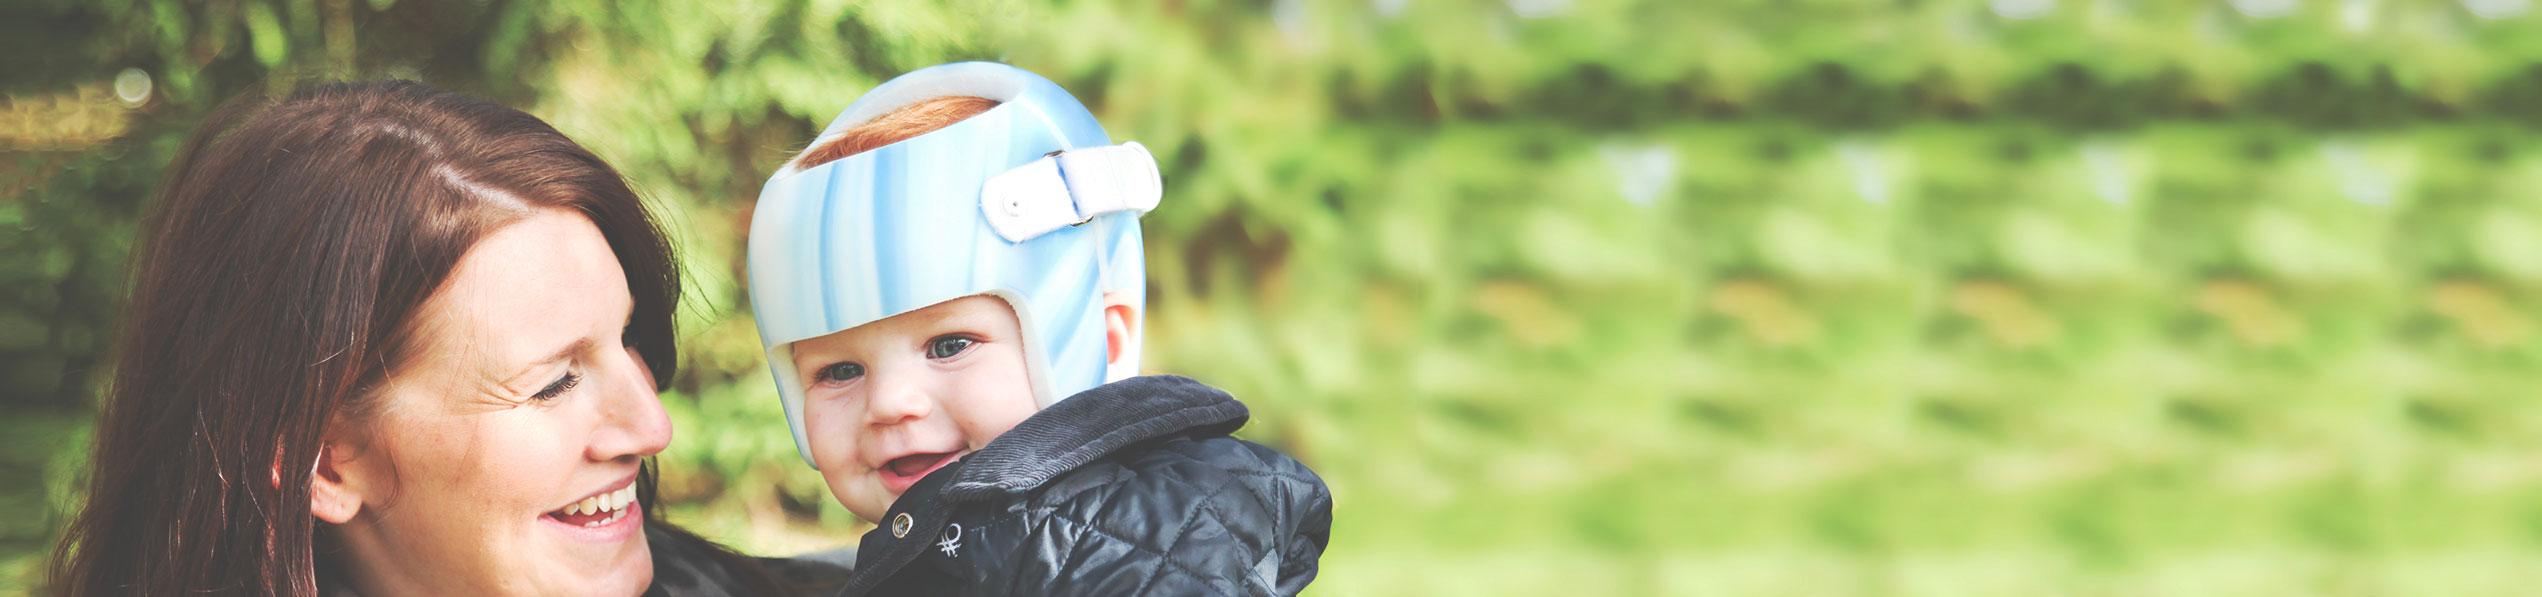 Plagiocephaly Helmets